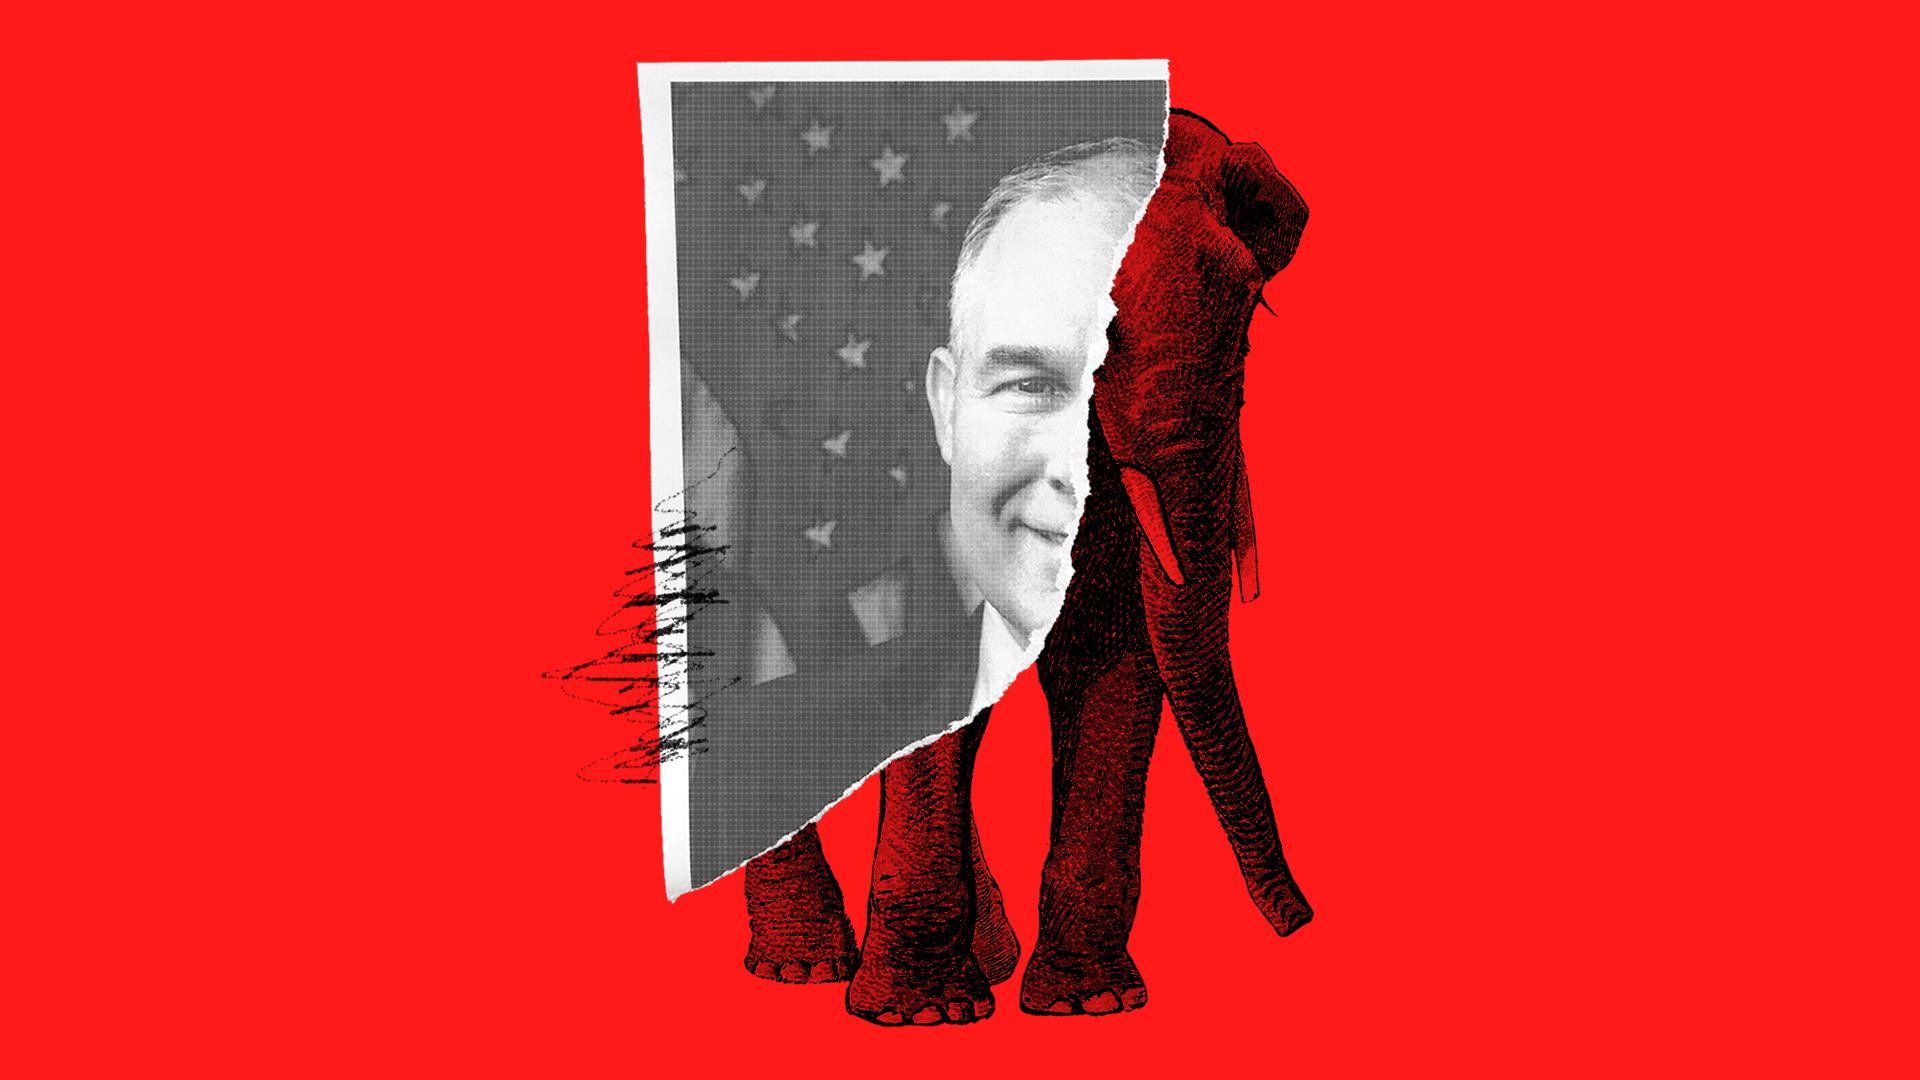 Illustration of EPA Administrator Scott Pruitt